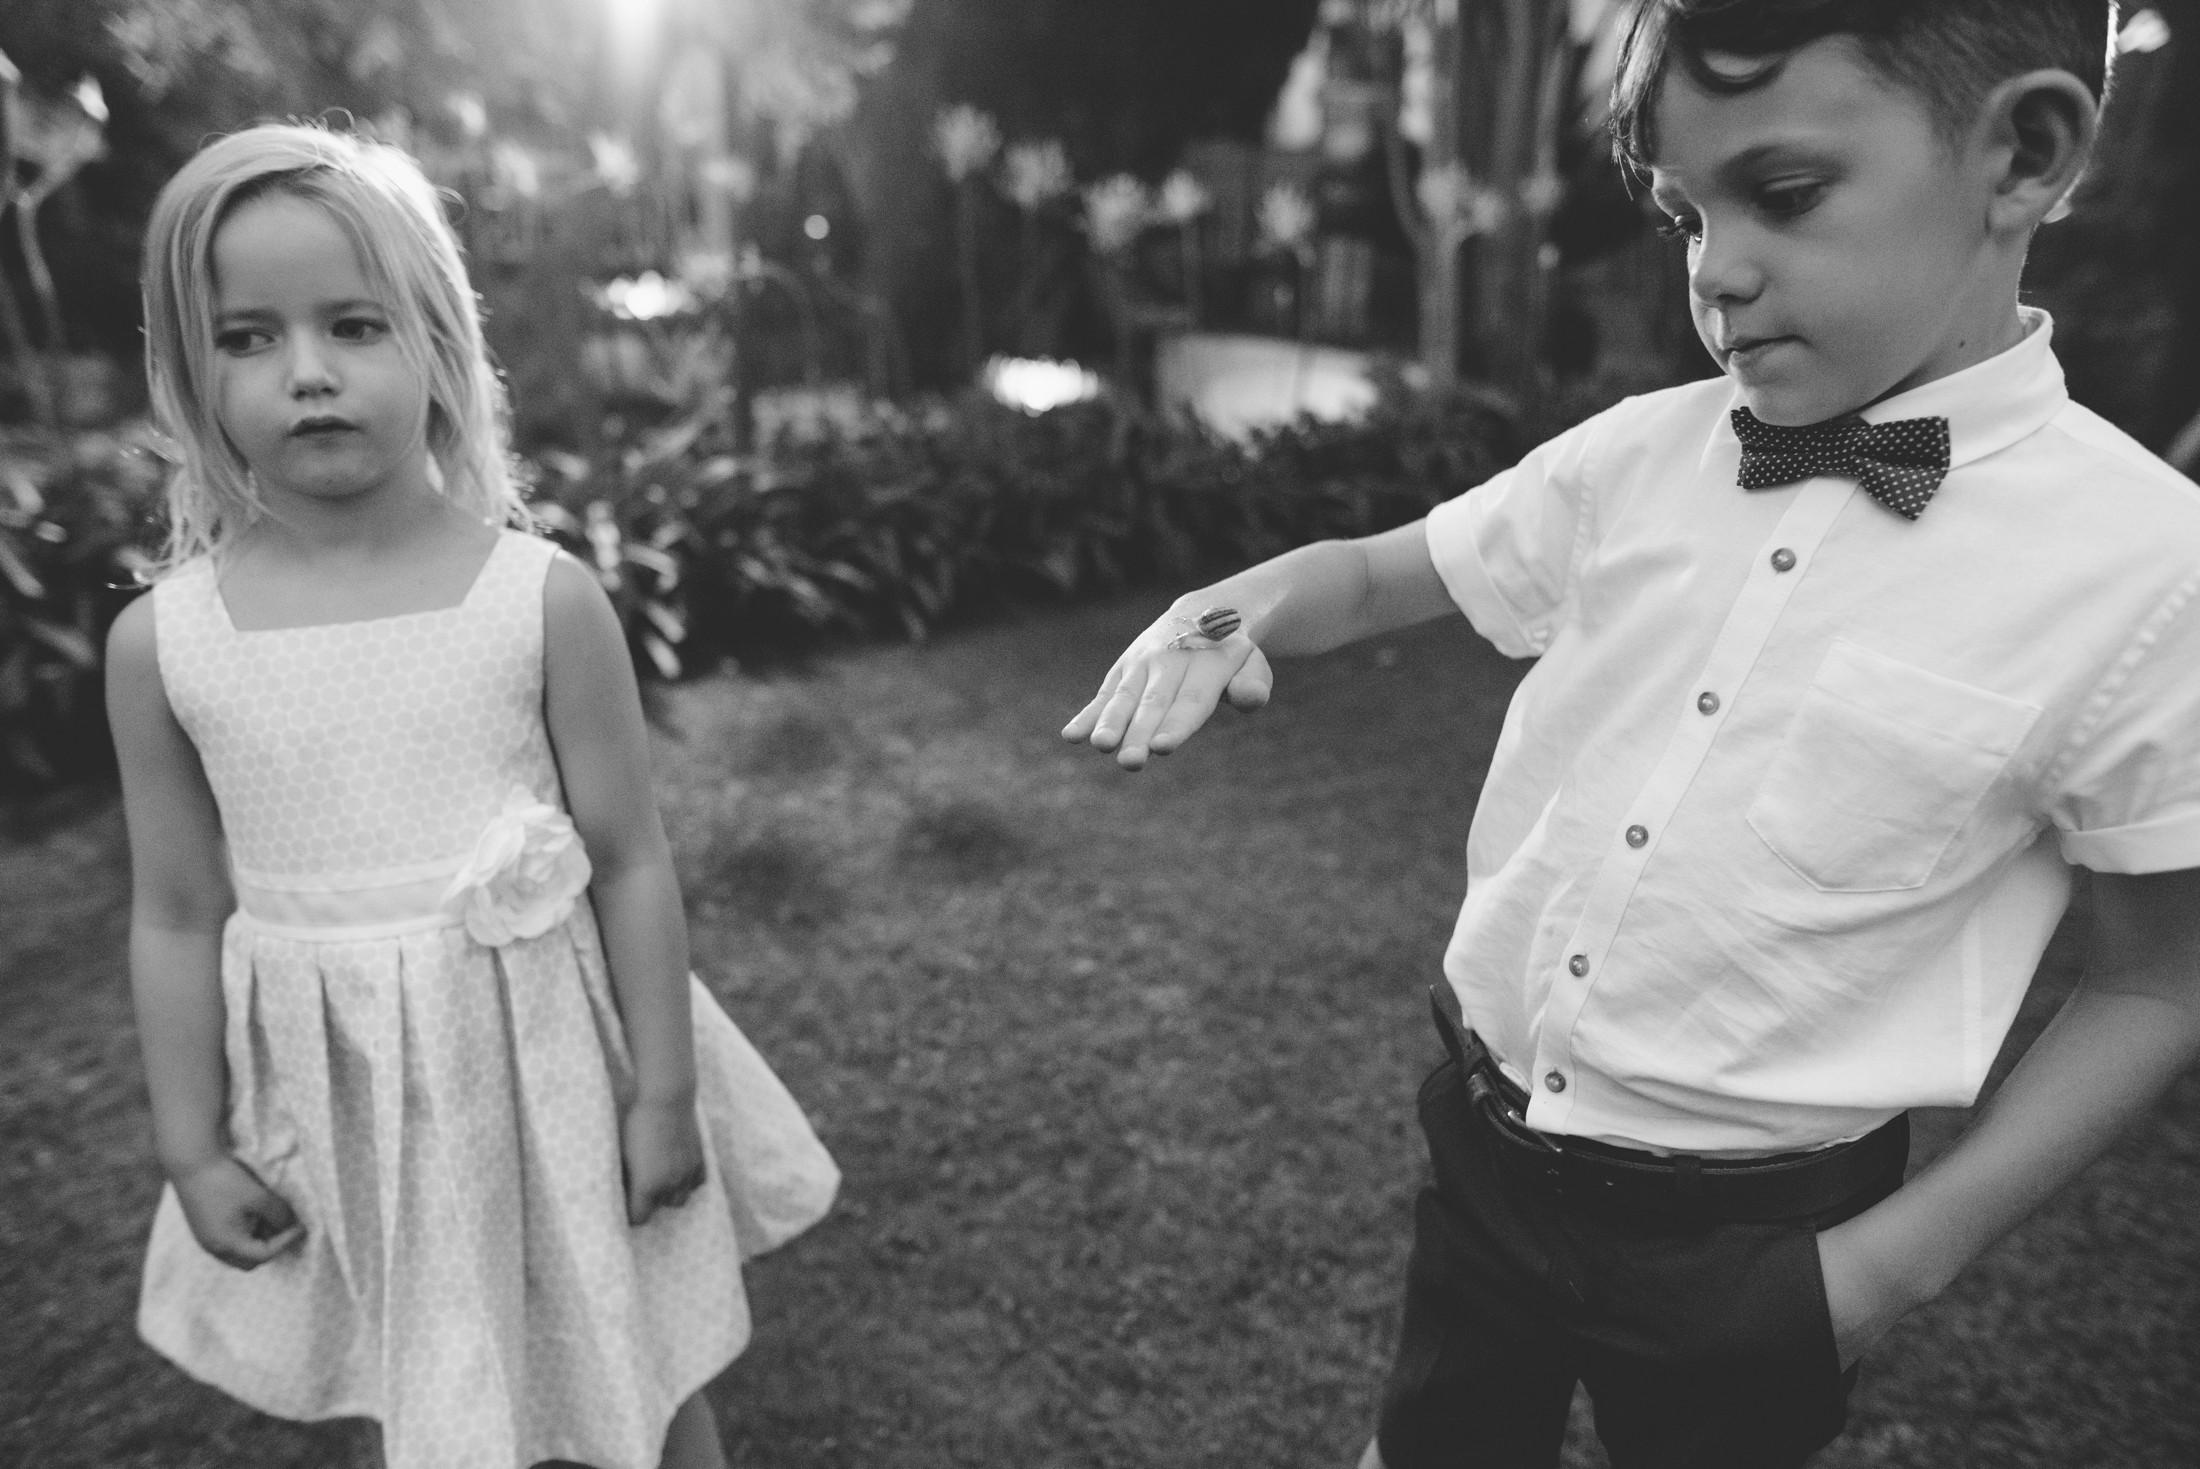 ravello wedding children found a snail